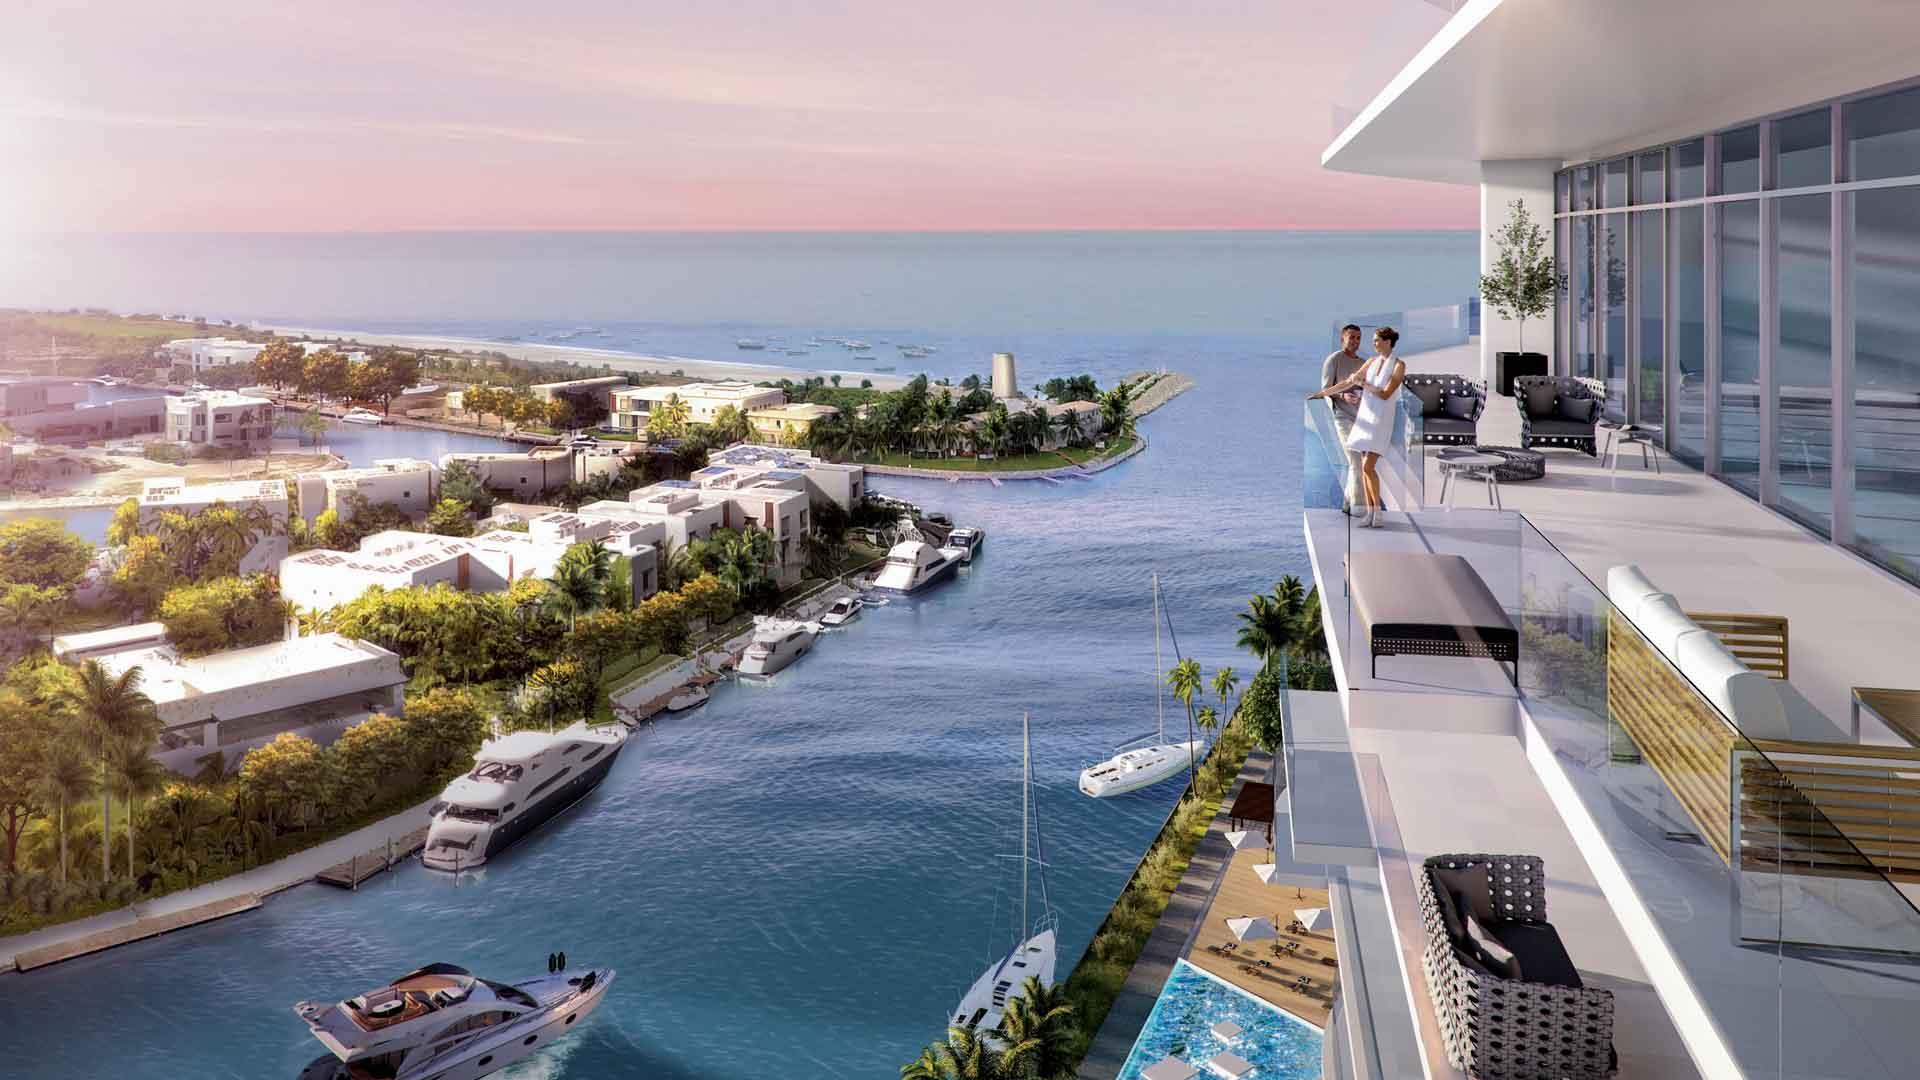 SLS Marina Beach: vivir frente al mar Caribe